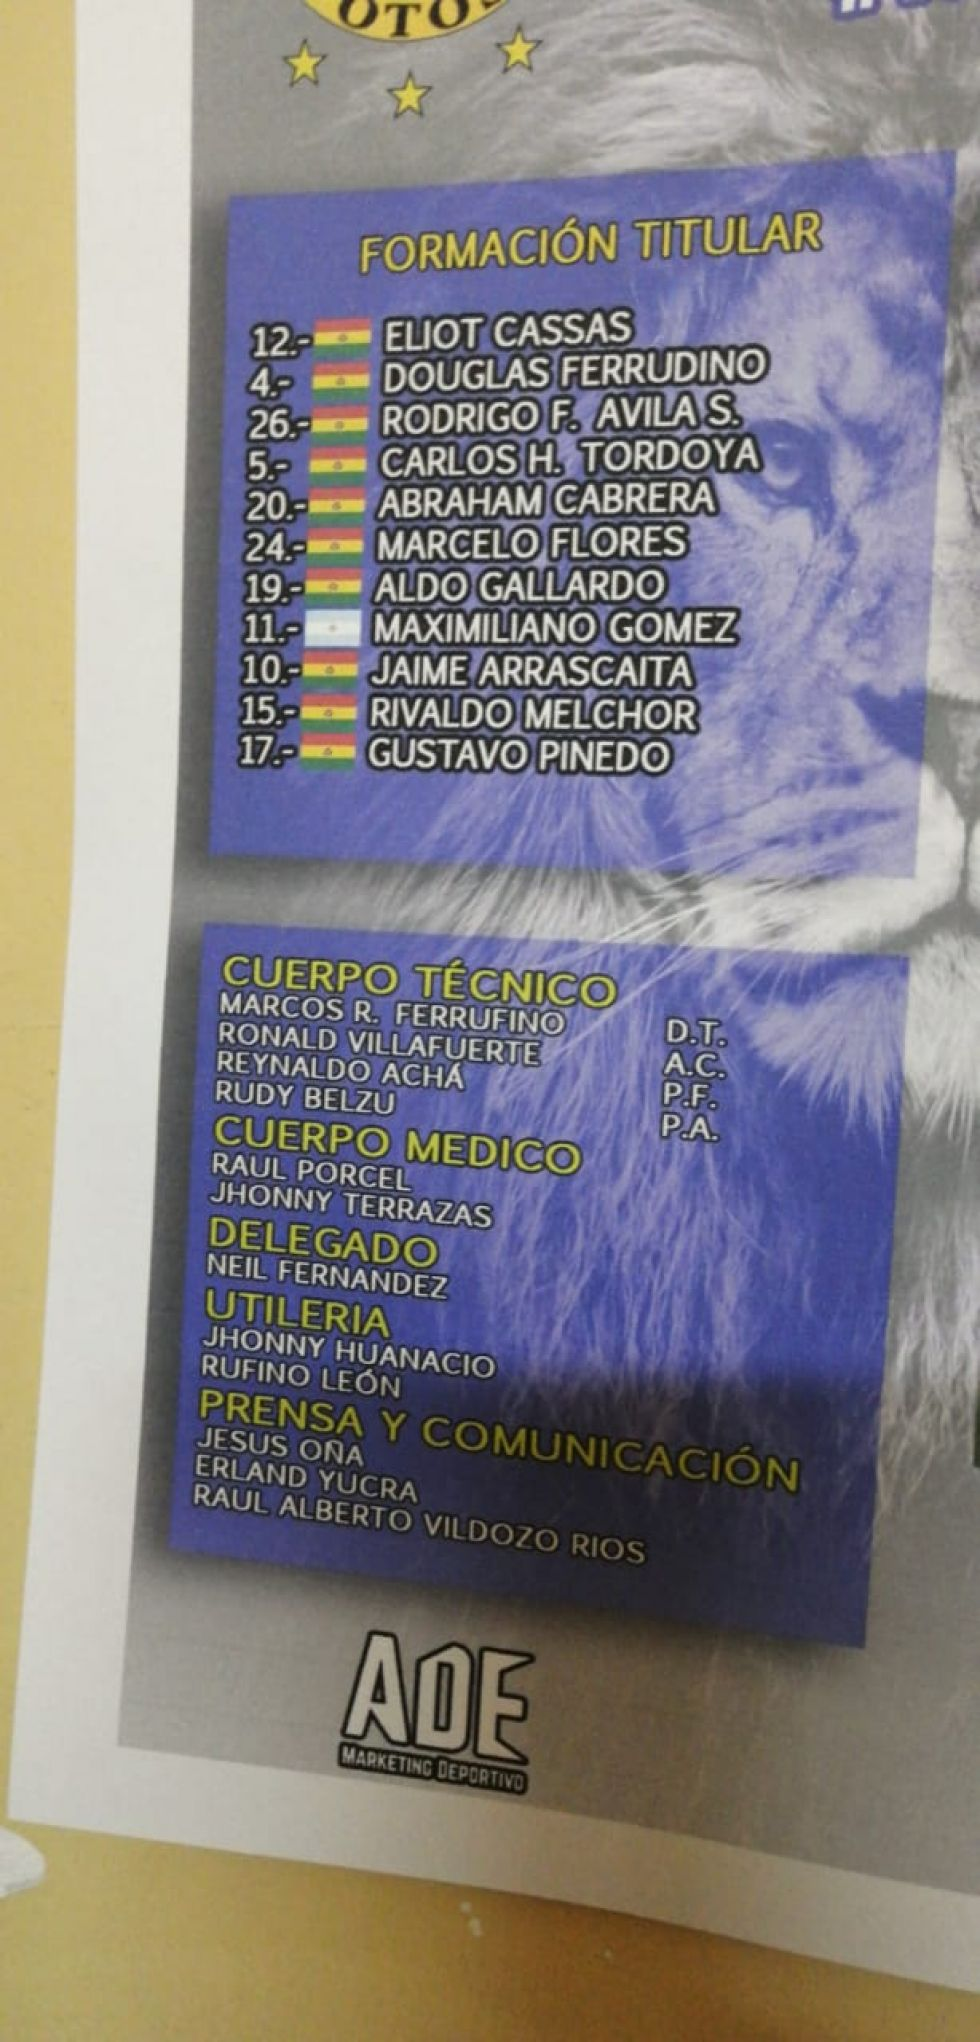 El partido se juega en Potosí